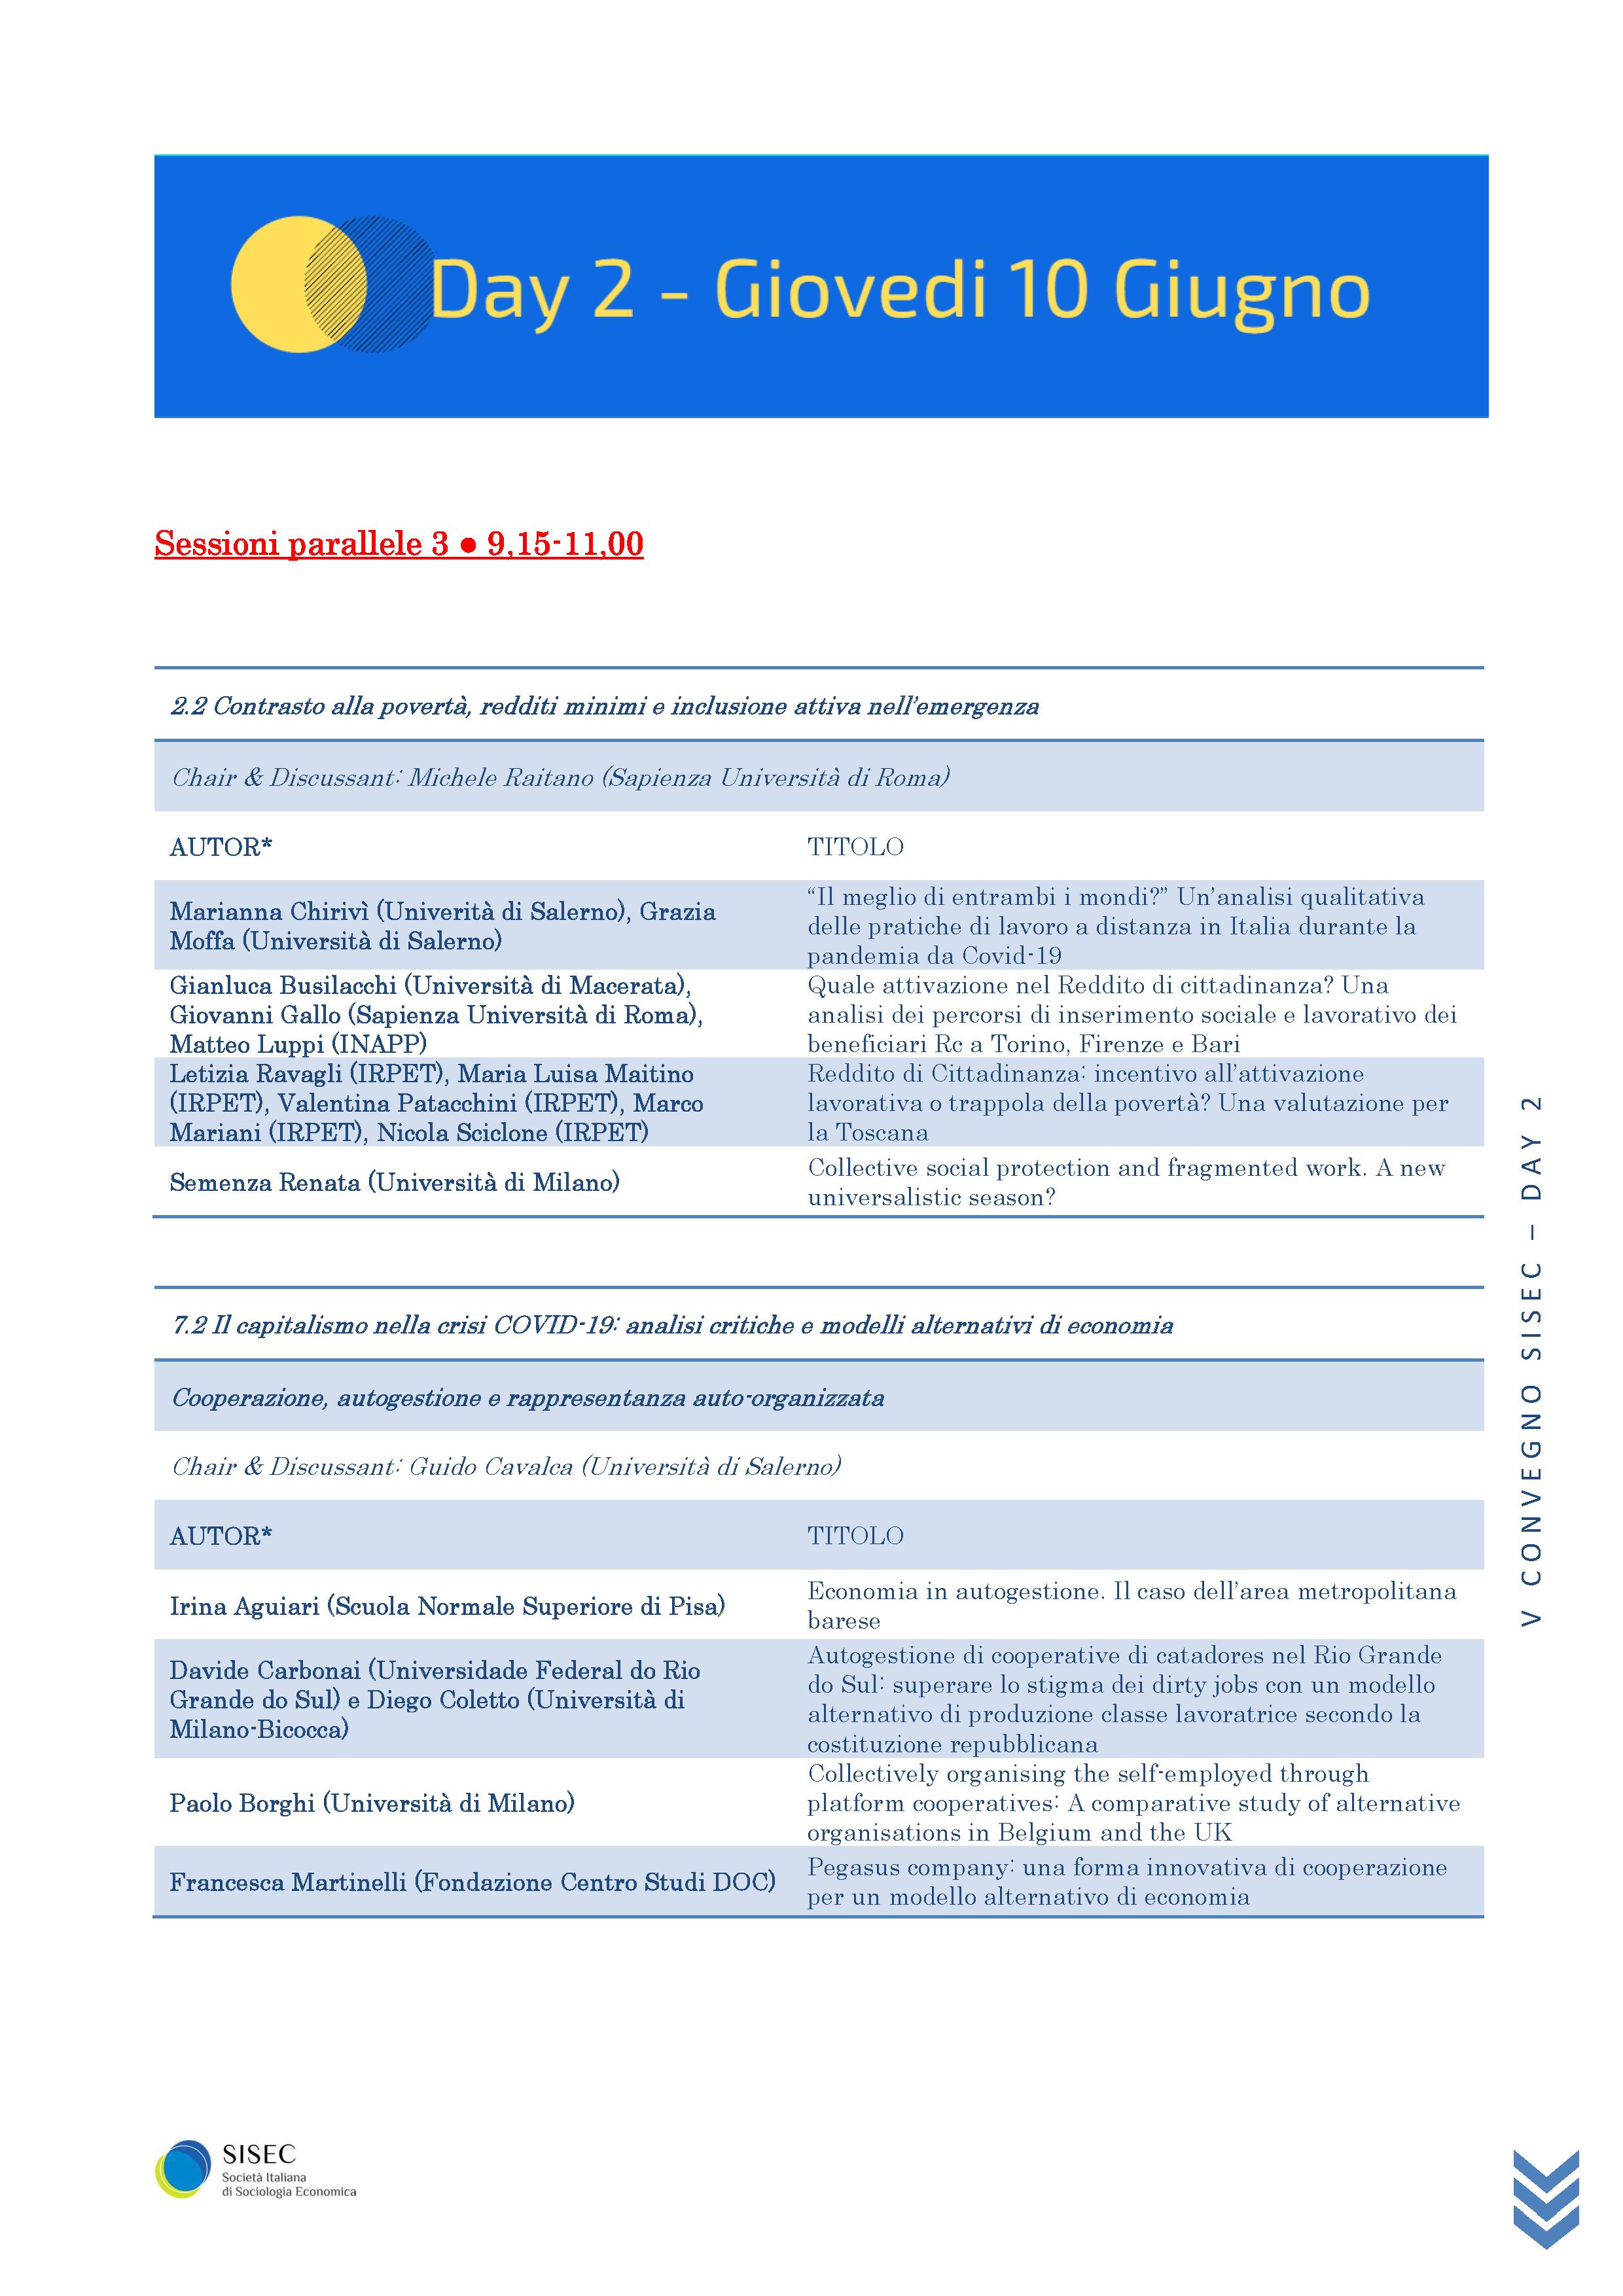 Pagine da V Convegno Sisec - Programma definitivo completo